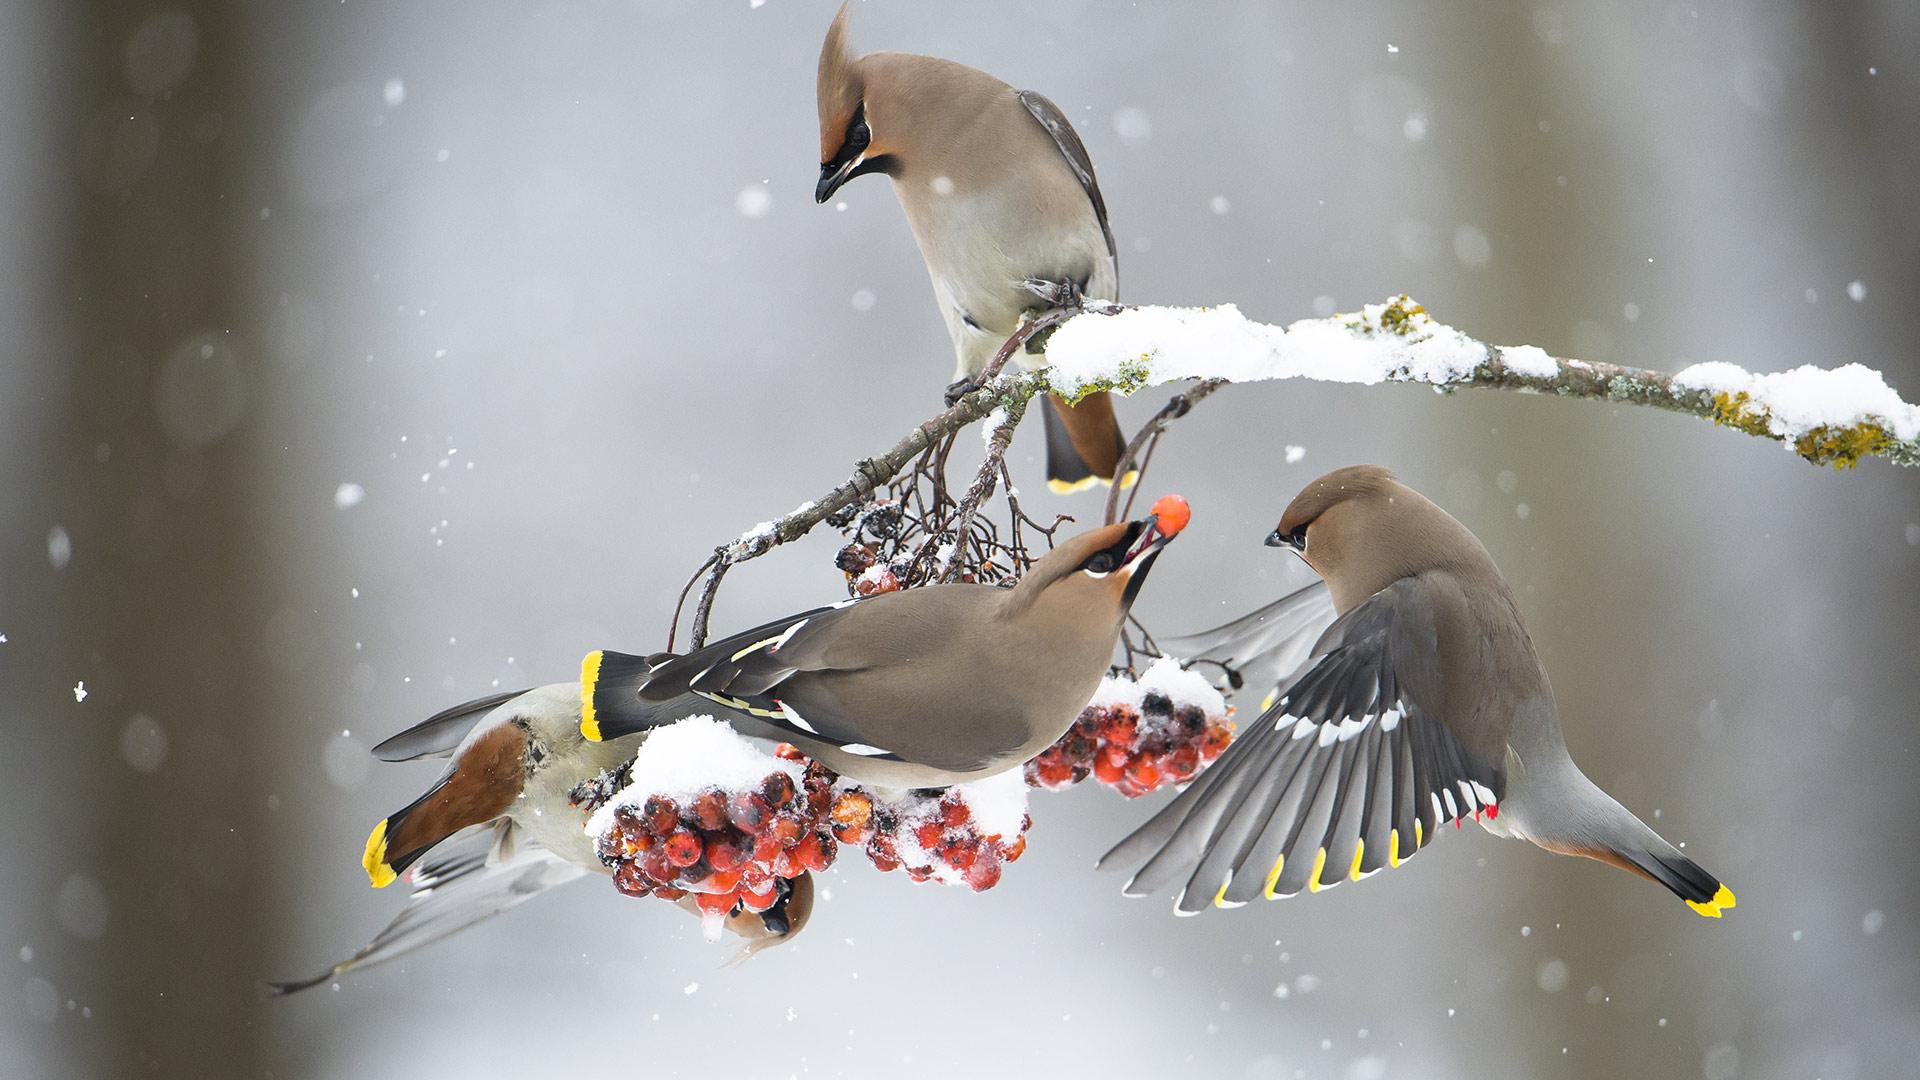 正在吃花楸果实的太平鸟 太平鸟